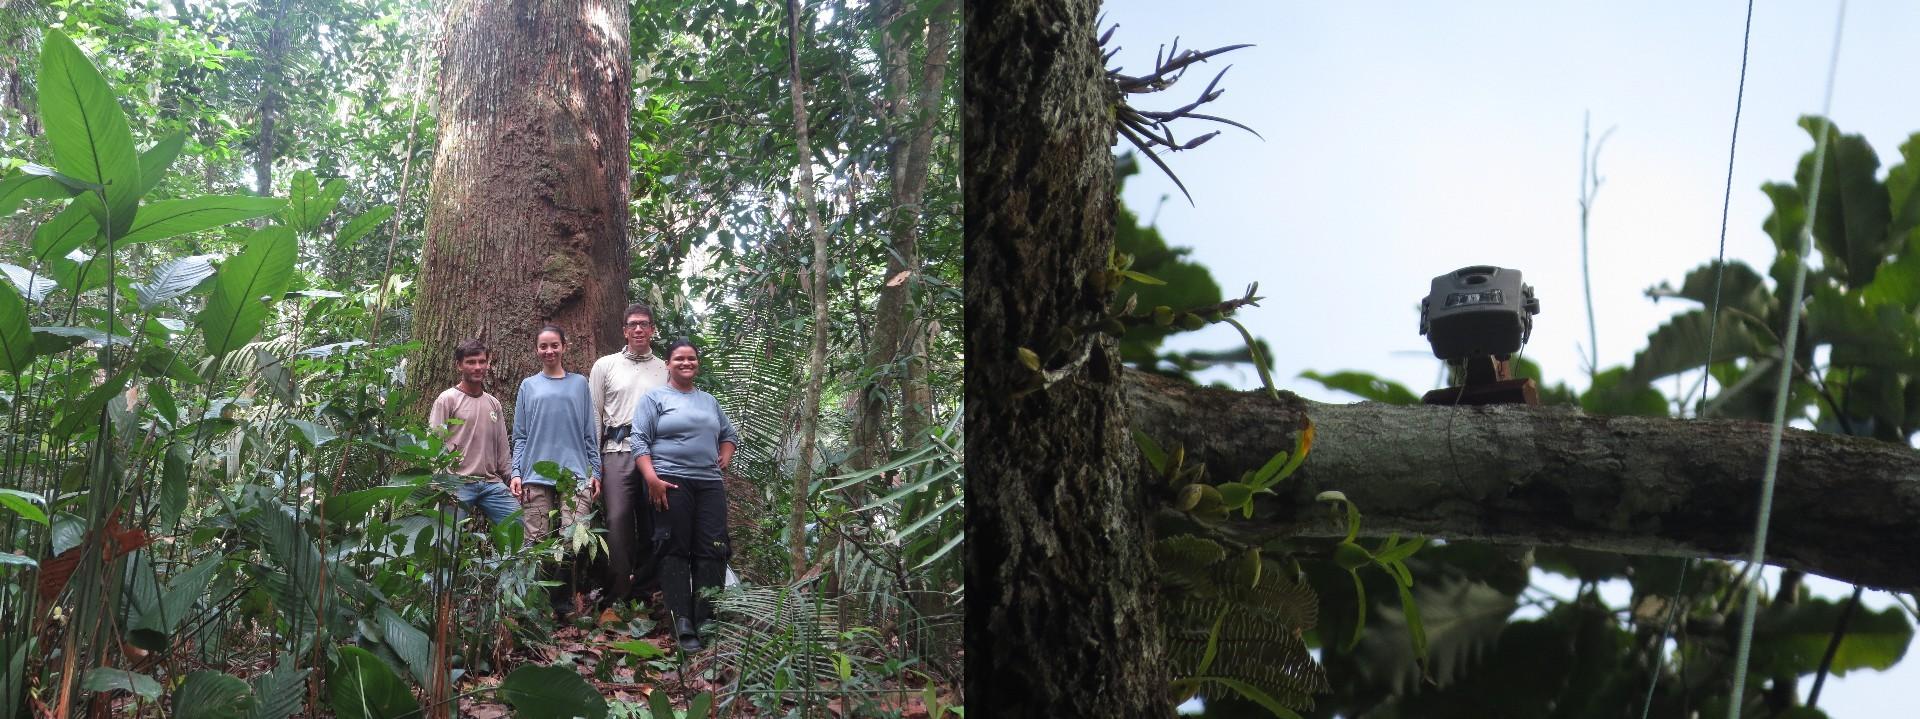 """Primeira câmera instalada em um ninho da águia, que está colocado sobre uma castanheira (Foto: Acervo do projeto """"Construindo uma estratégia para a conservação da harpia na Amazônia"""")"""